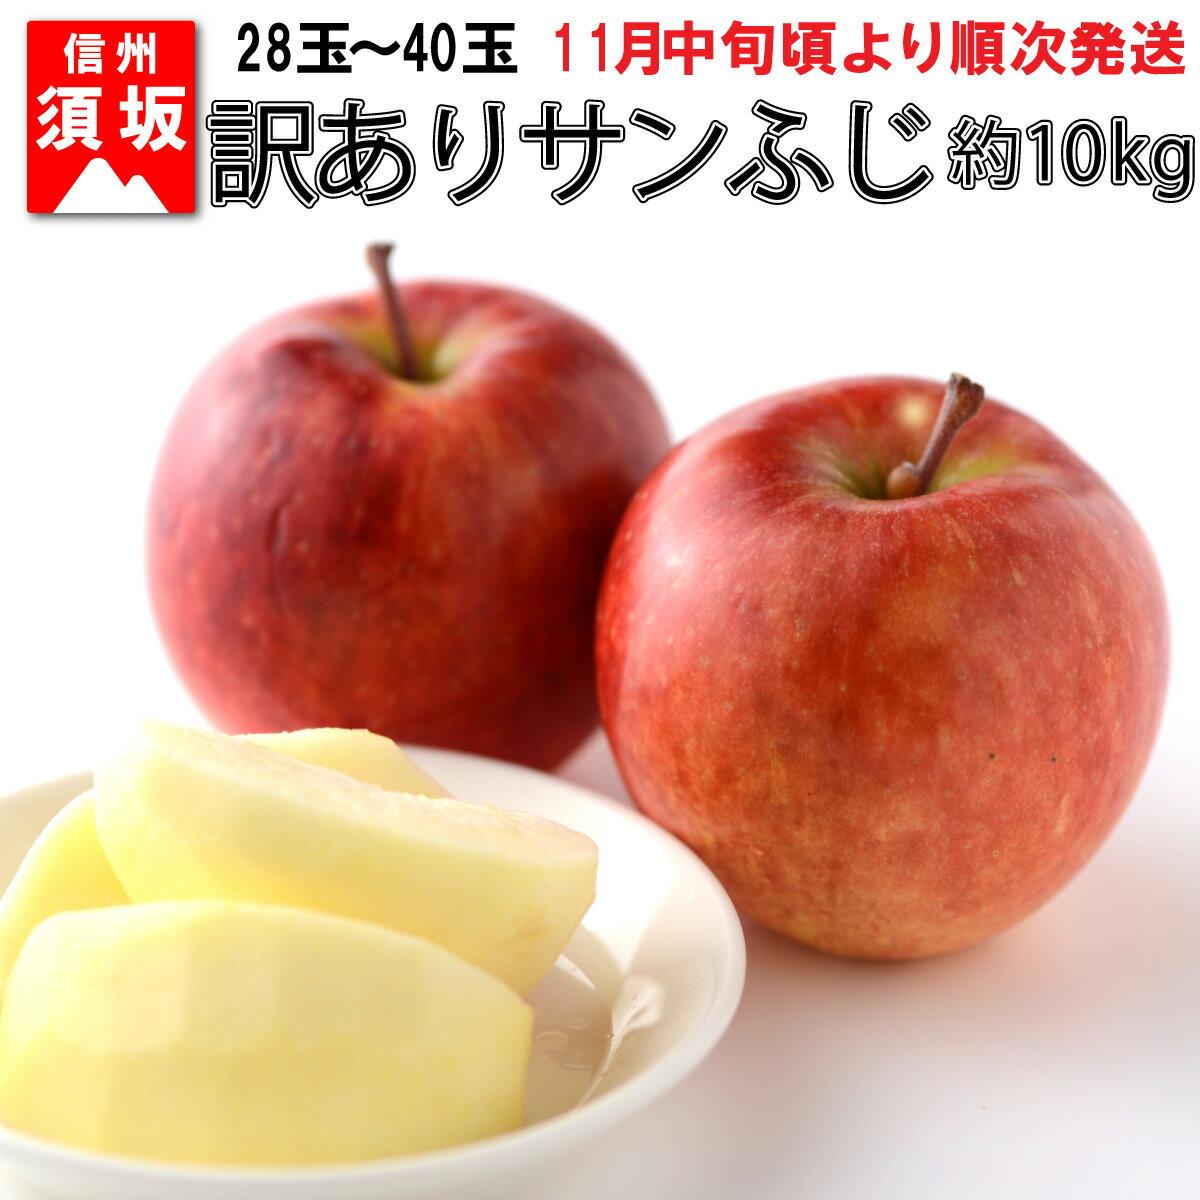 [信州須坂のりんご]訳ありサンふじ 約10kg [果物・フルーツ] お届け:2020年11月20日〜12月25日